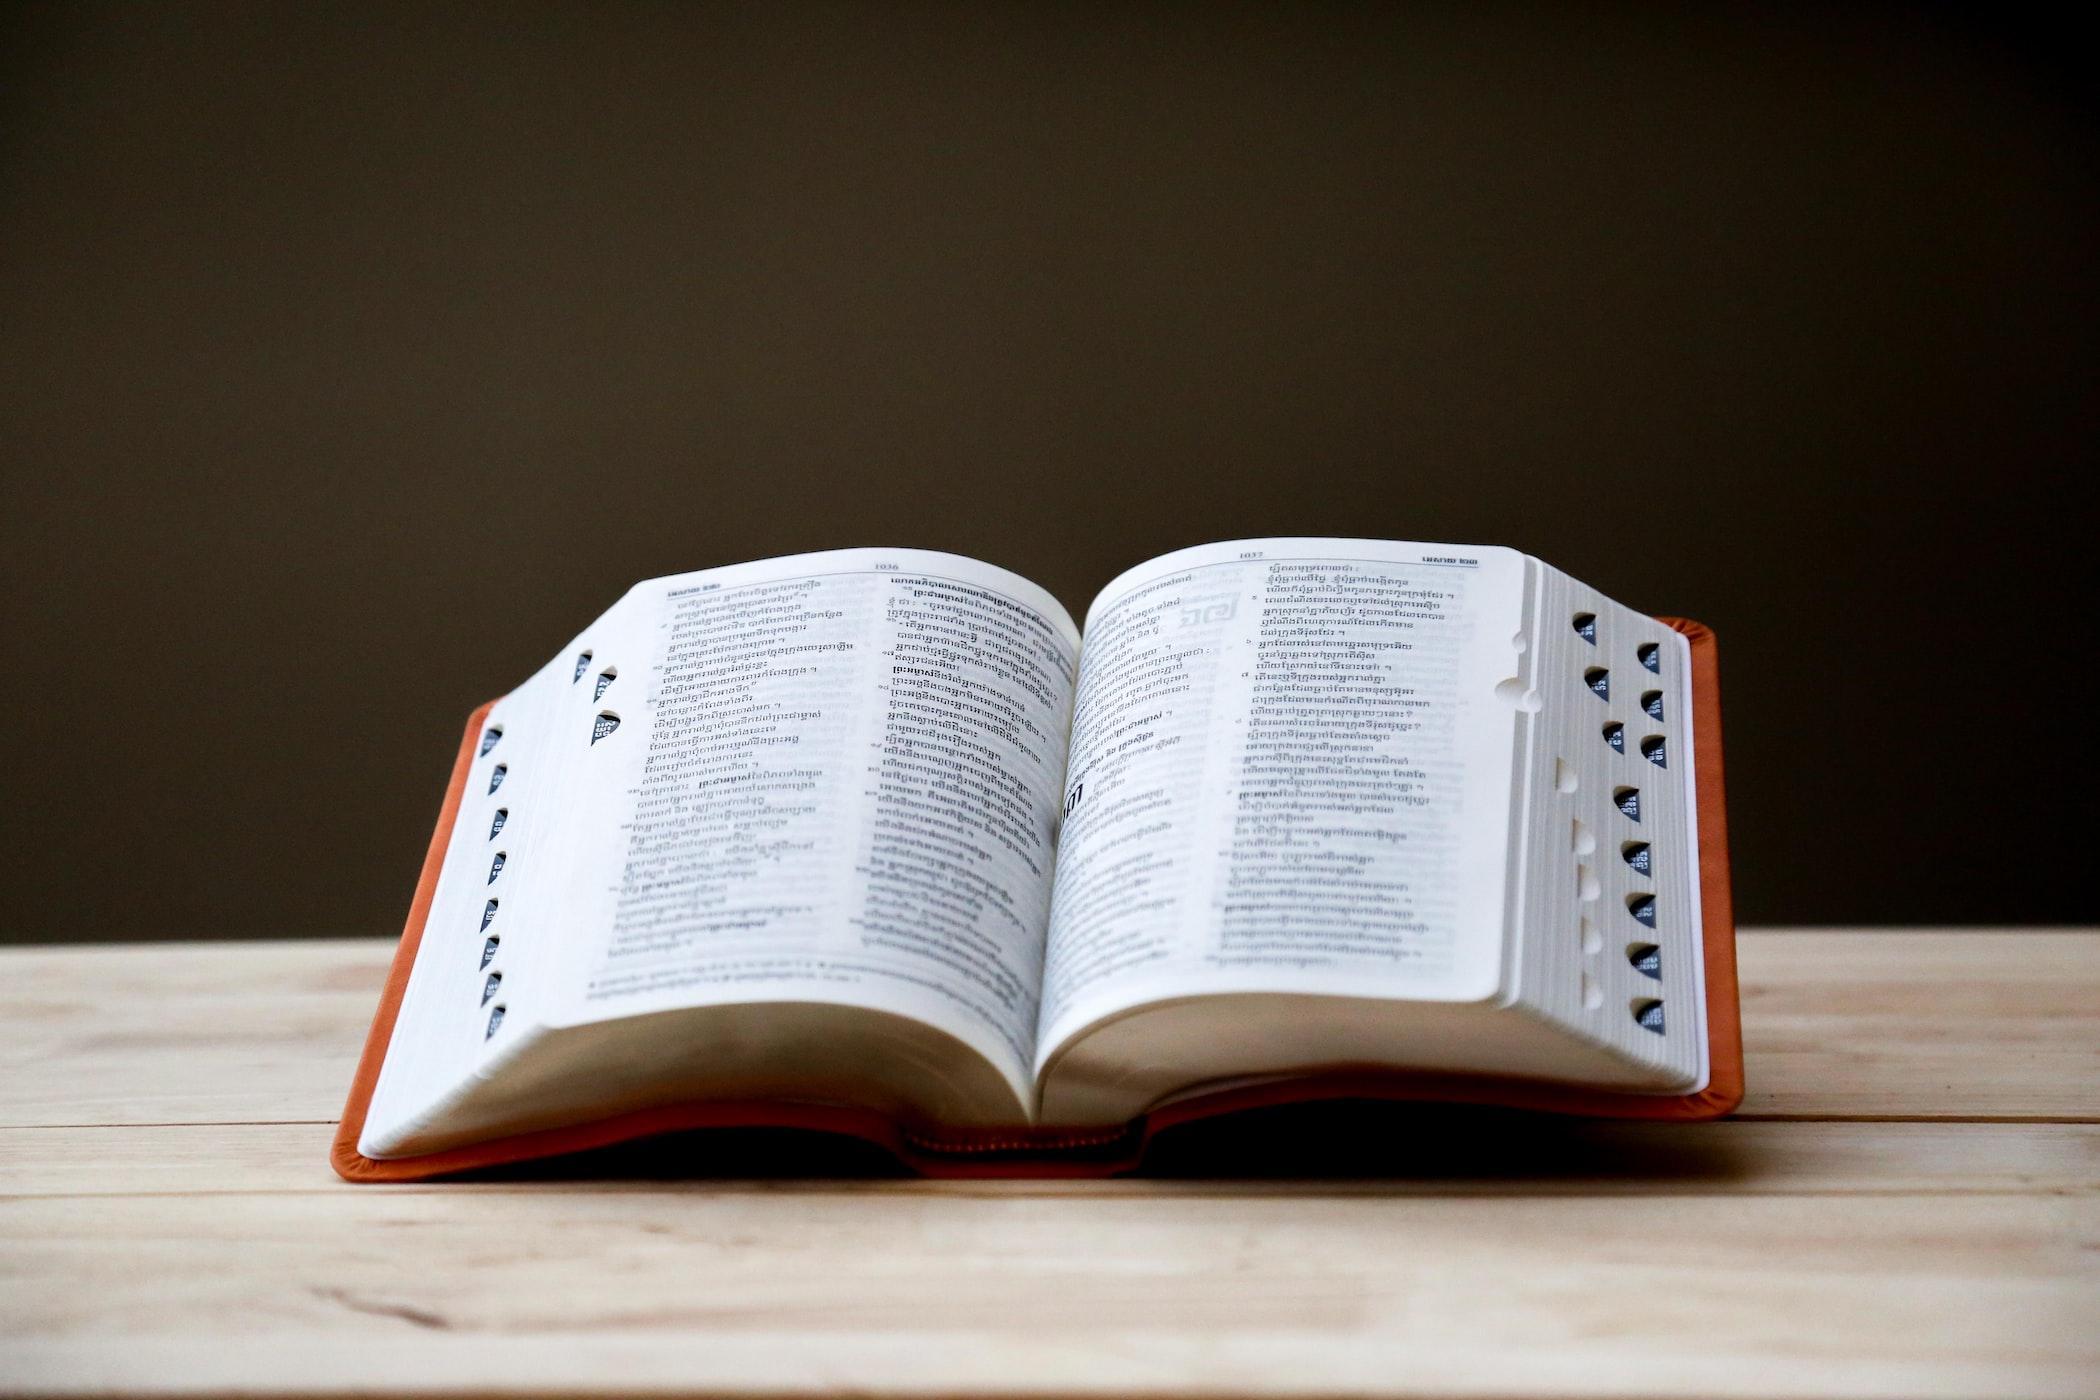 現代文の語彙力を身につける方法『辞書を引いて調べるクセをつける』